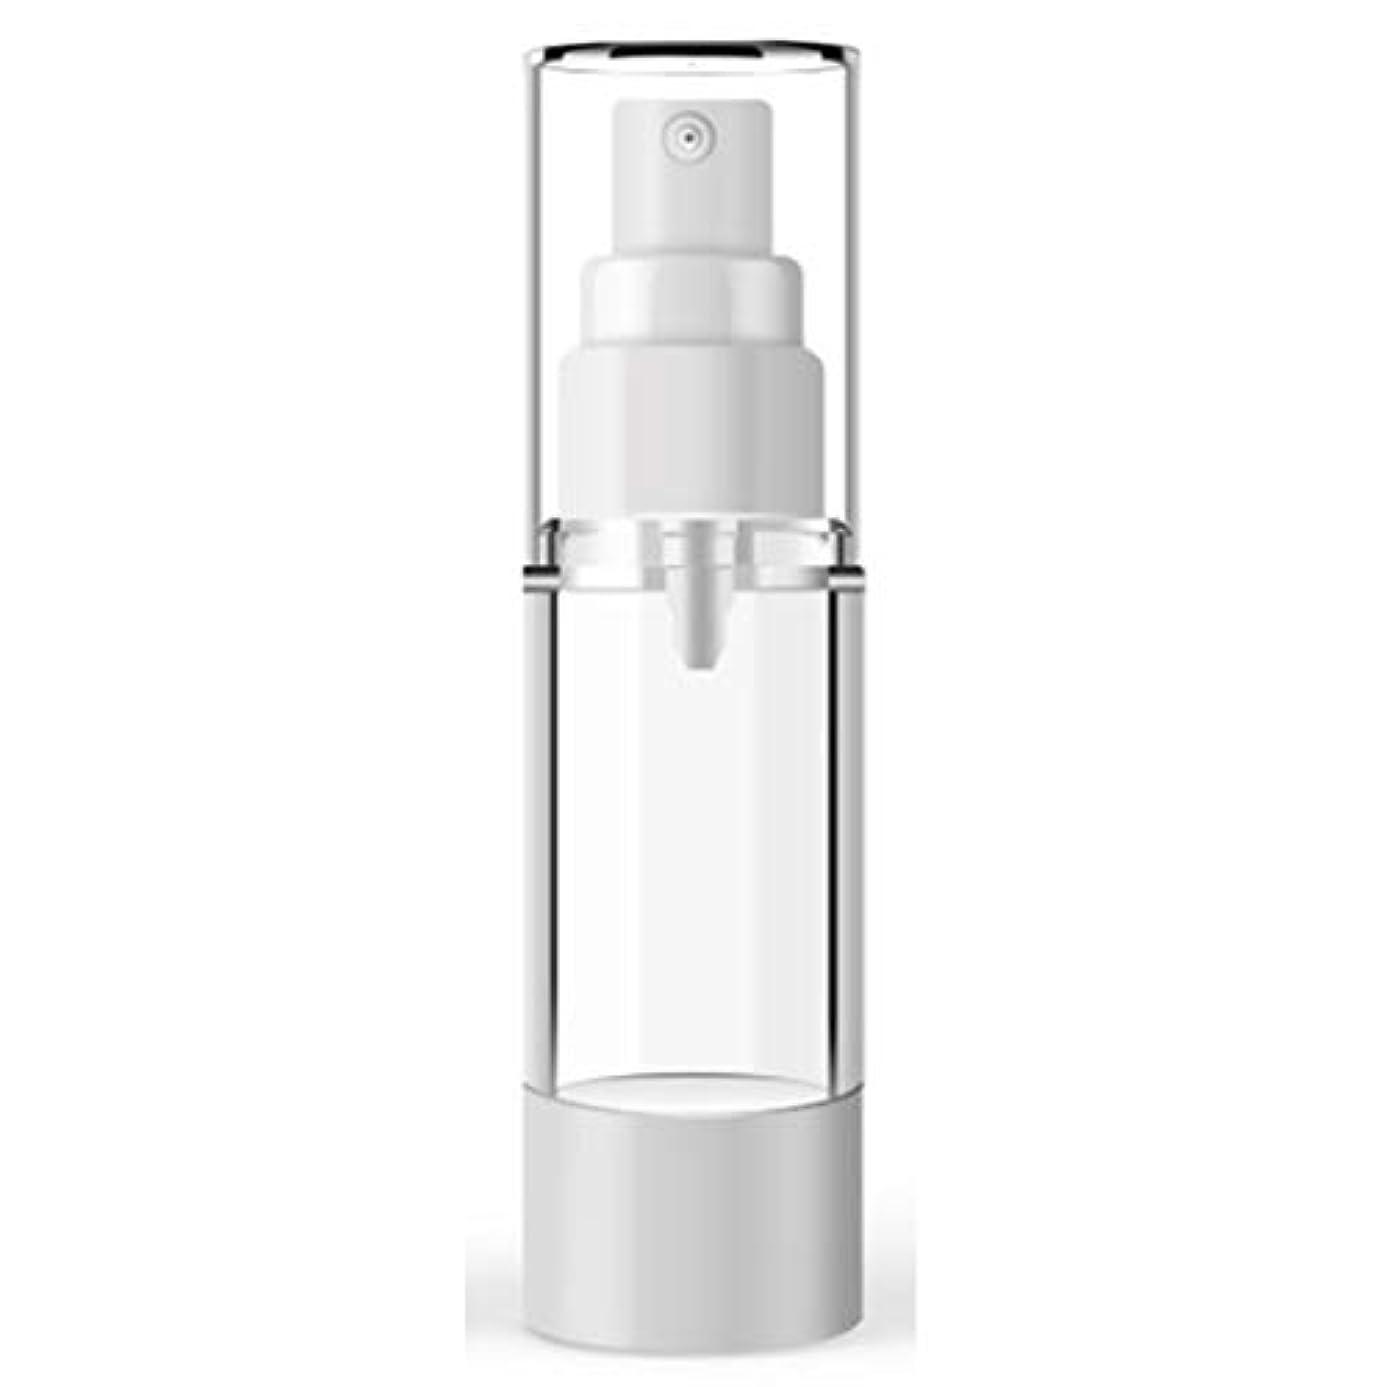 ドラフト回転するロープACHICOO 小分けボトル 15ミリリットル 100ミリリットル プラスチック 化粧品ボトル 詰め替えボトル エマルジョンスプレー 透明 真空容器 100ml flat mouth vacuum spray bottle